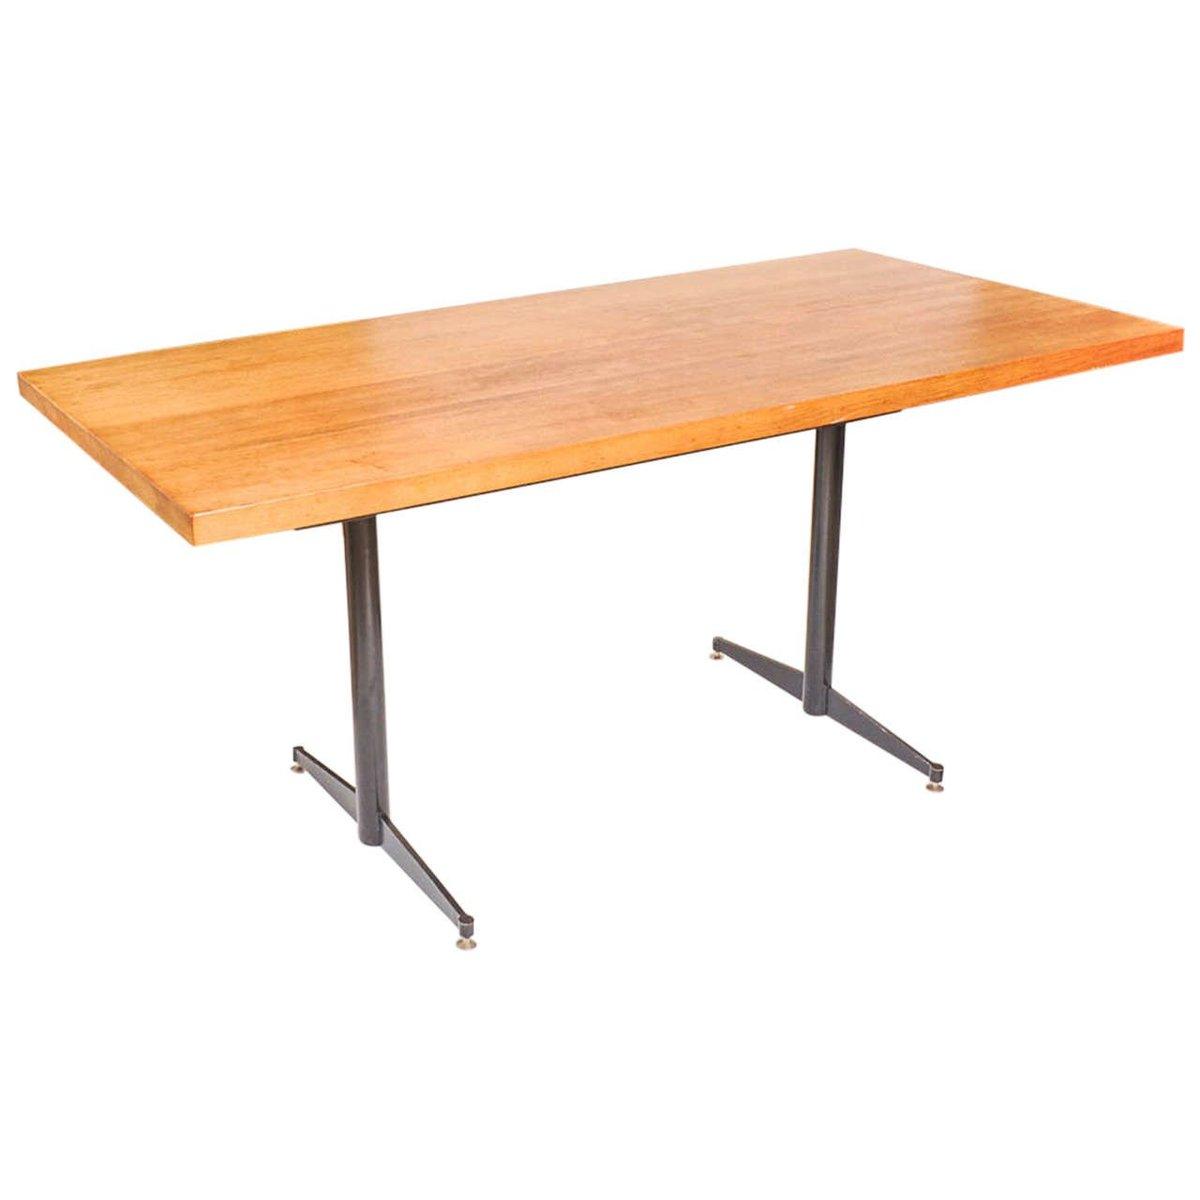 Vintage dining table in solid oak black steel for sale for Solid oak dining table